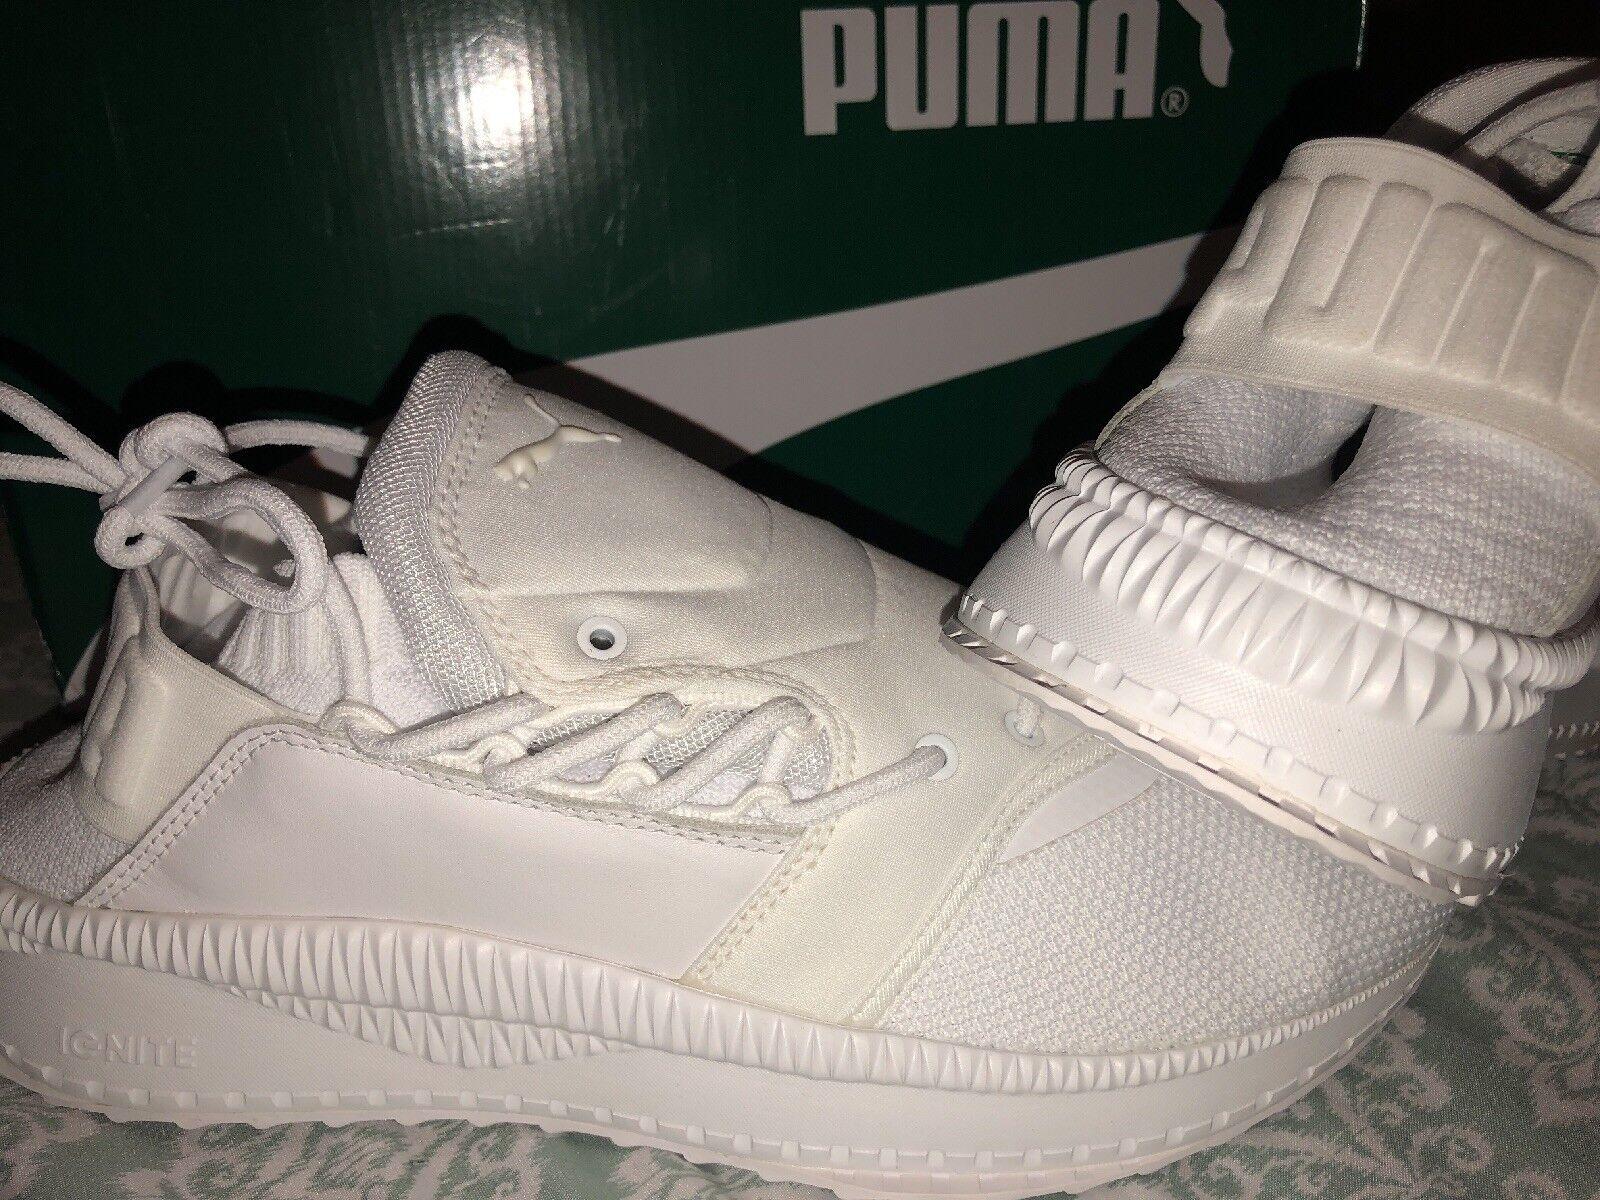 PUMA Men's Shoes TSUGI Shinsei White Comfortable